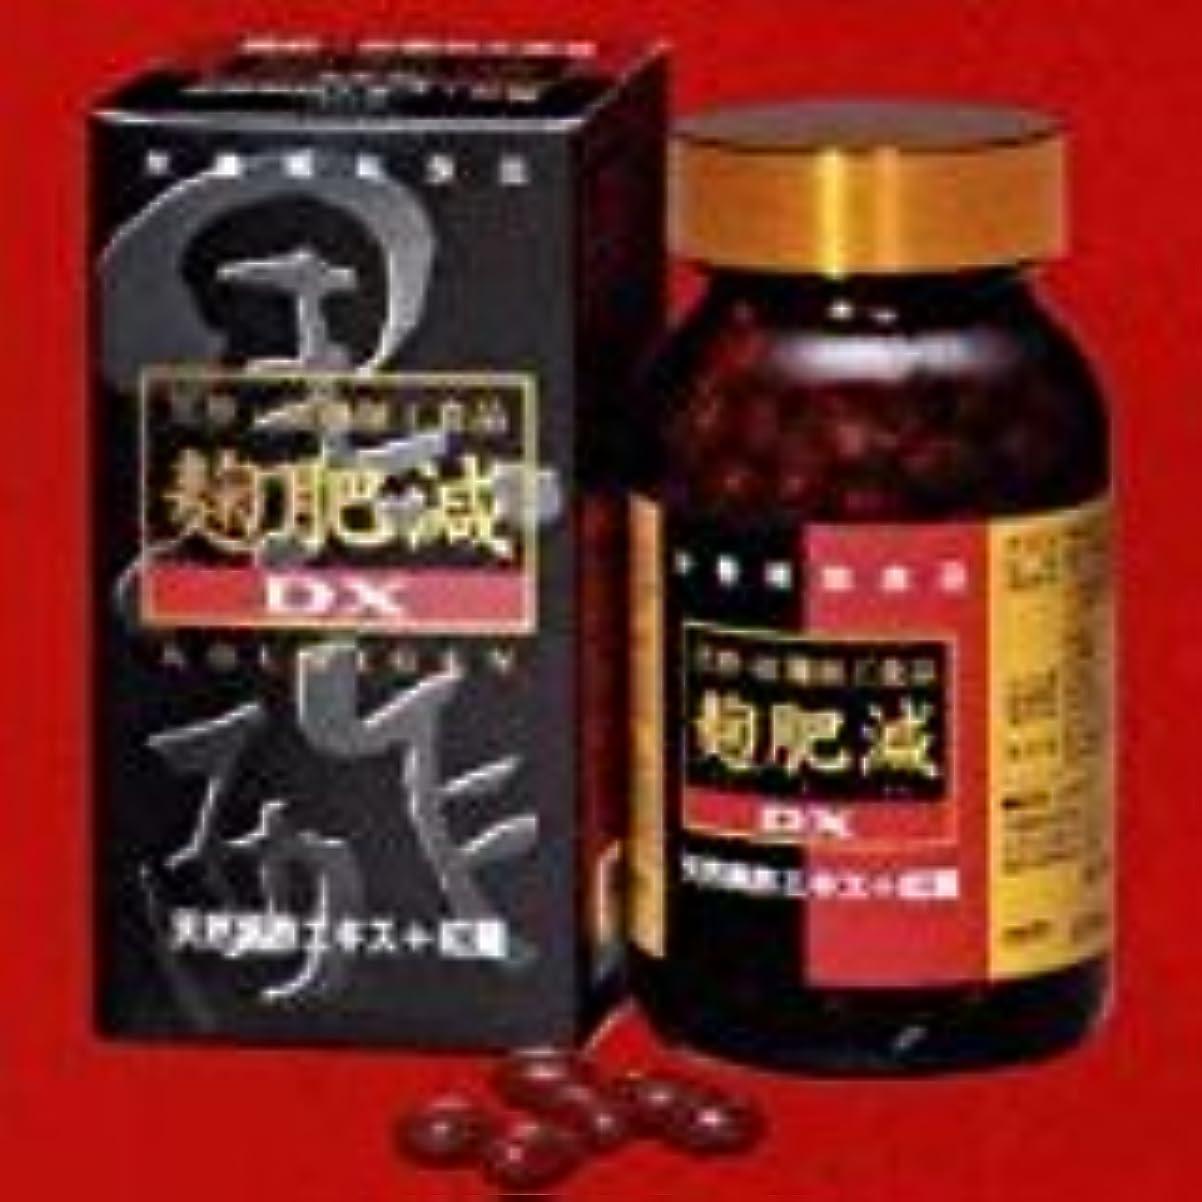 試用長老リラックス麹肥減(こうひげん)DX 600粒 12個お徳用